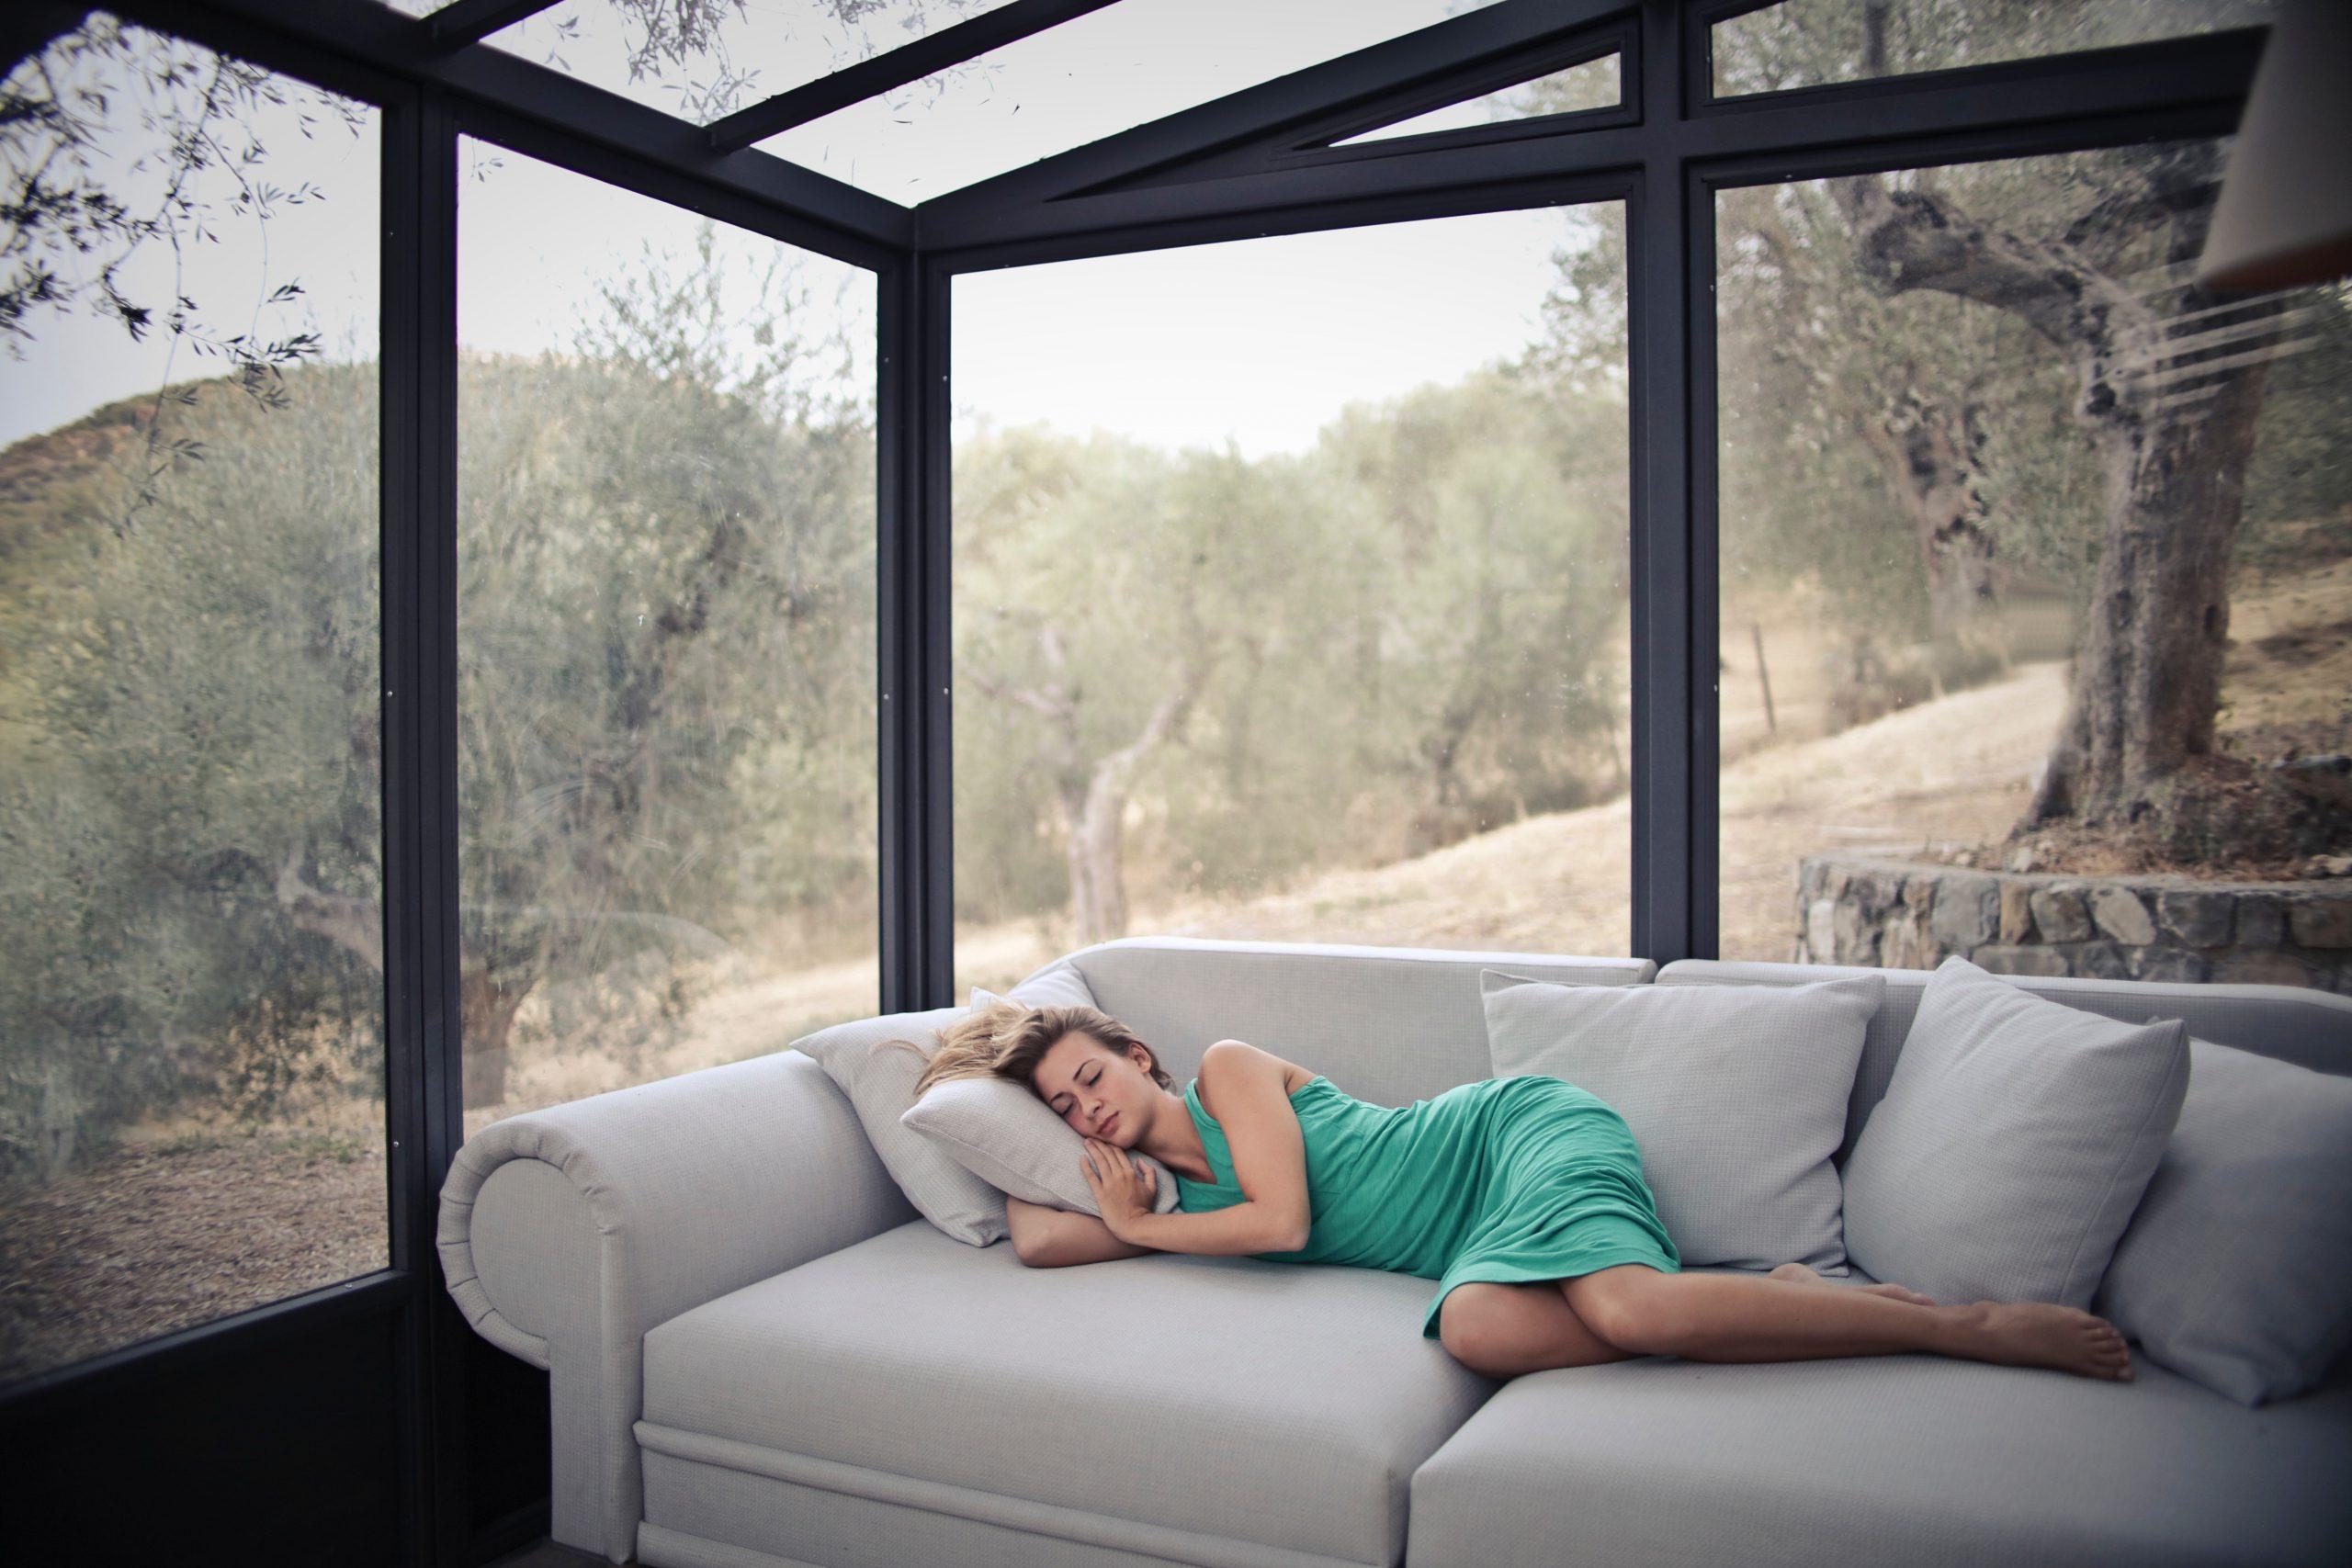 3 Manfaat Tidur Siang yang Harus Kamu Tahu